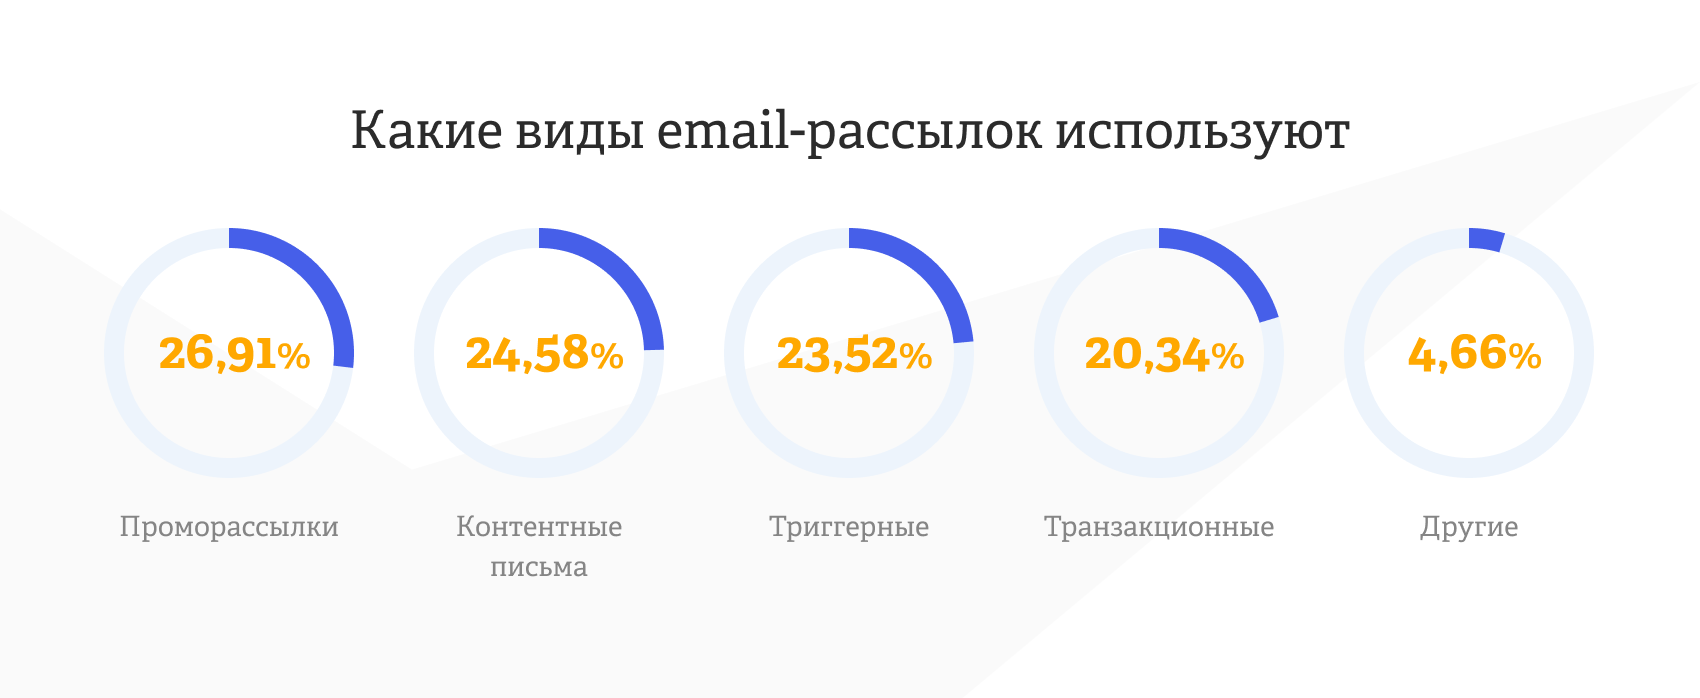 какие виды email-рассылок используют